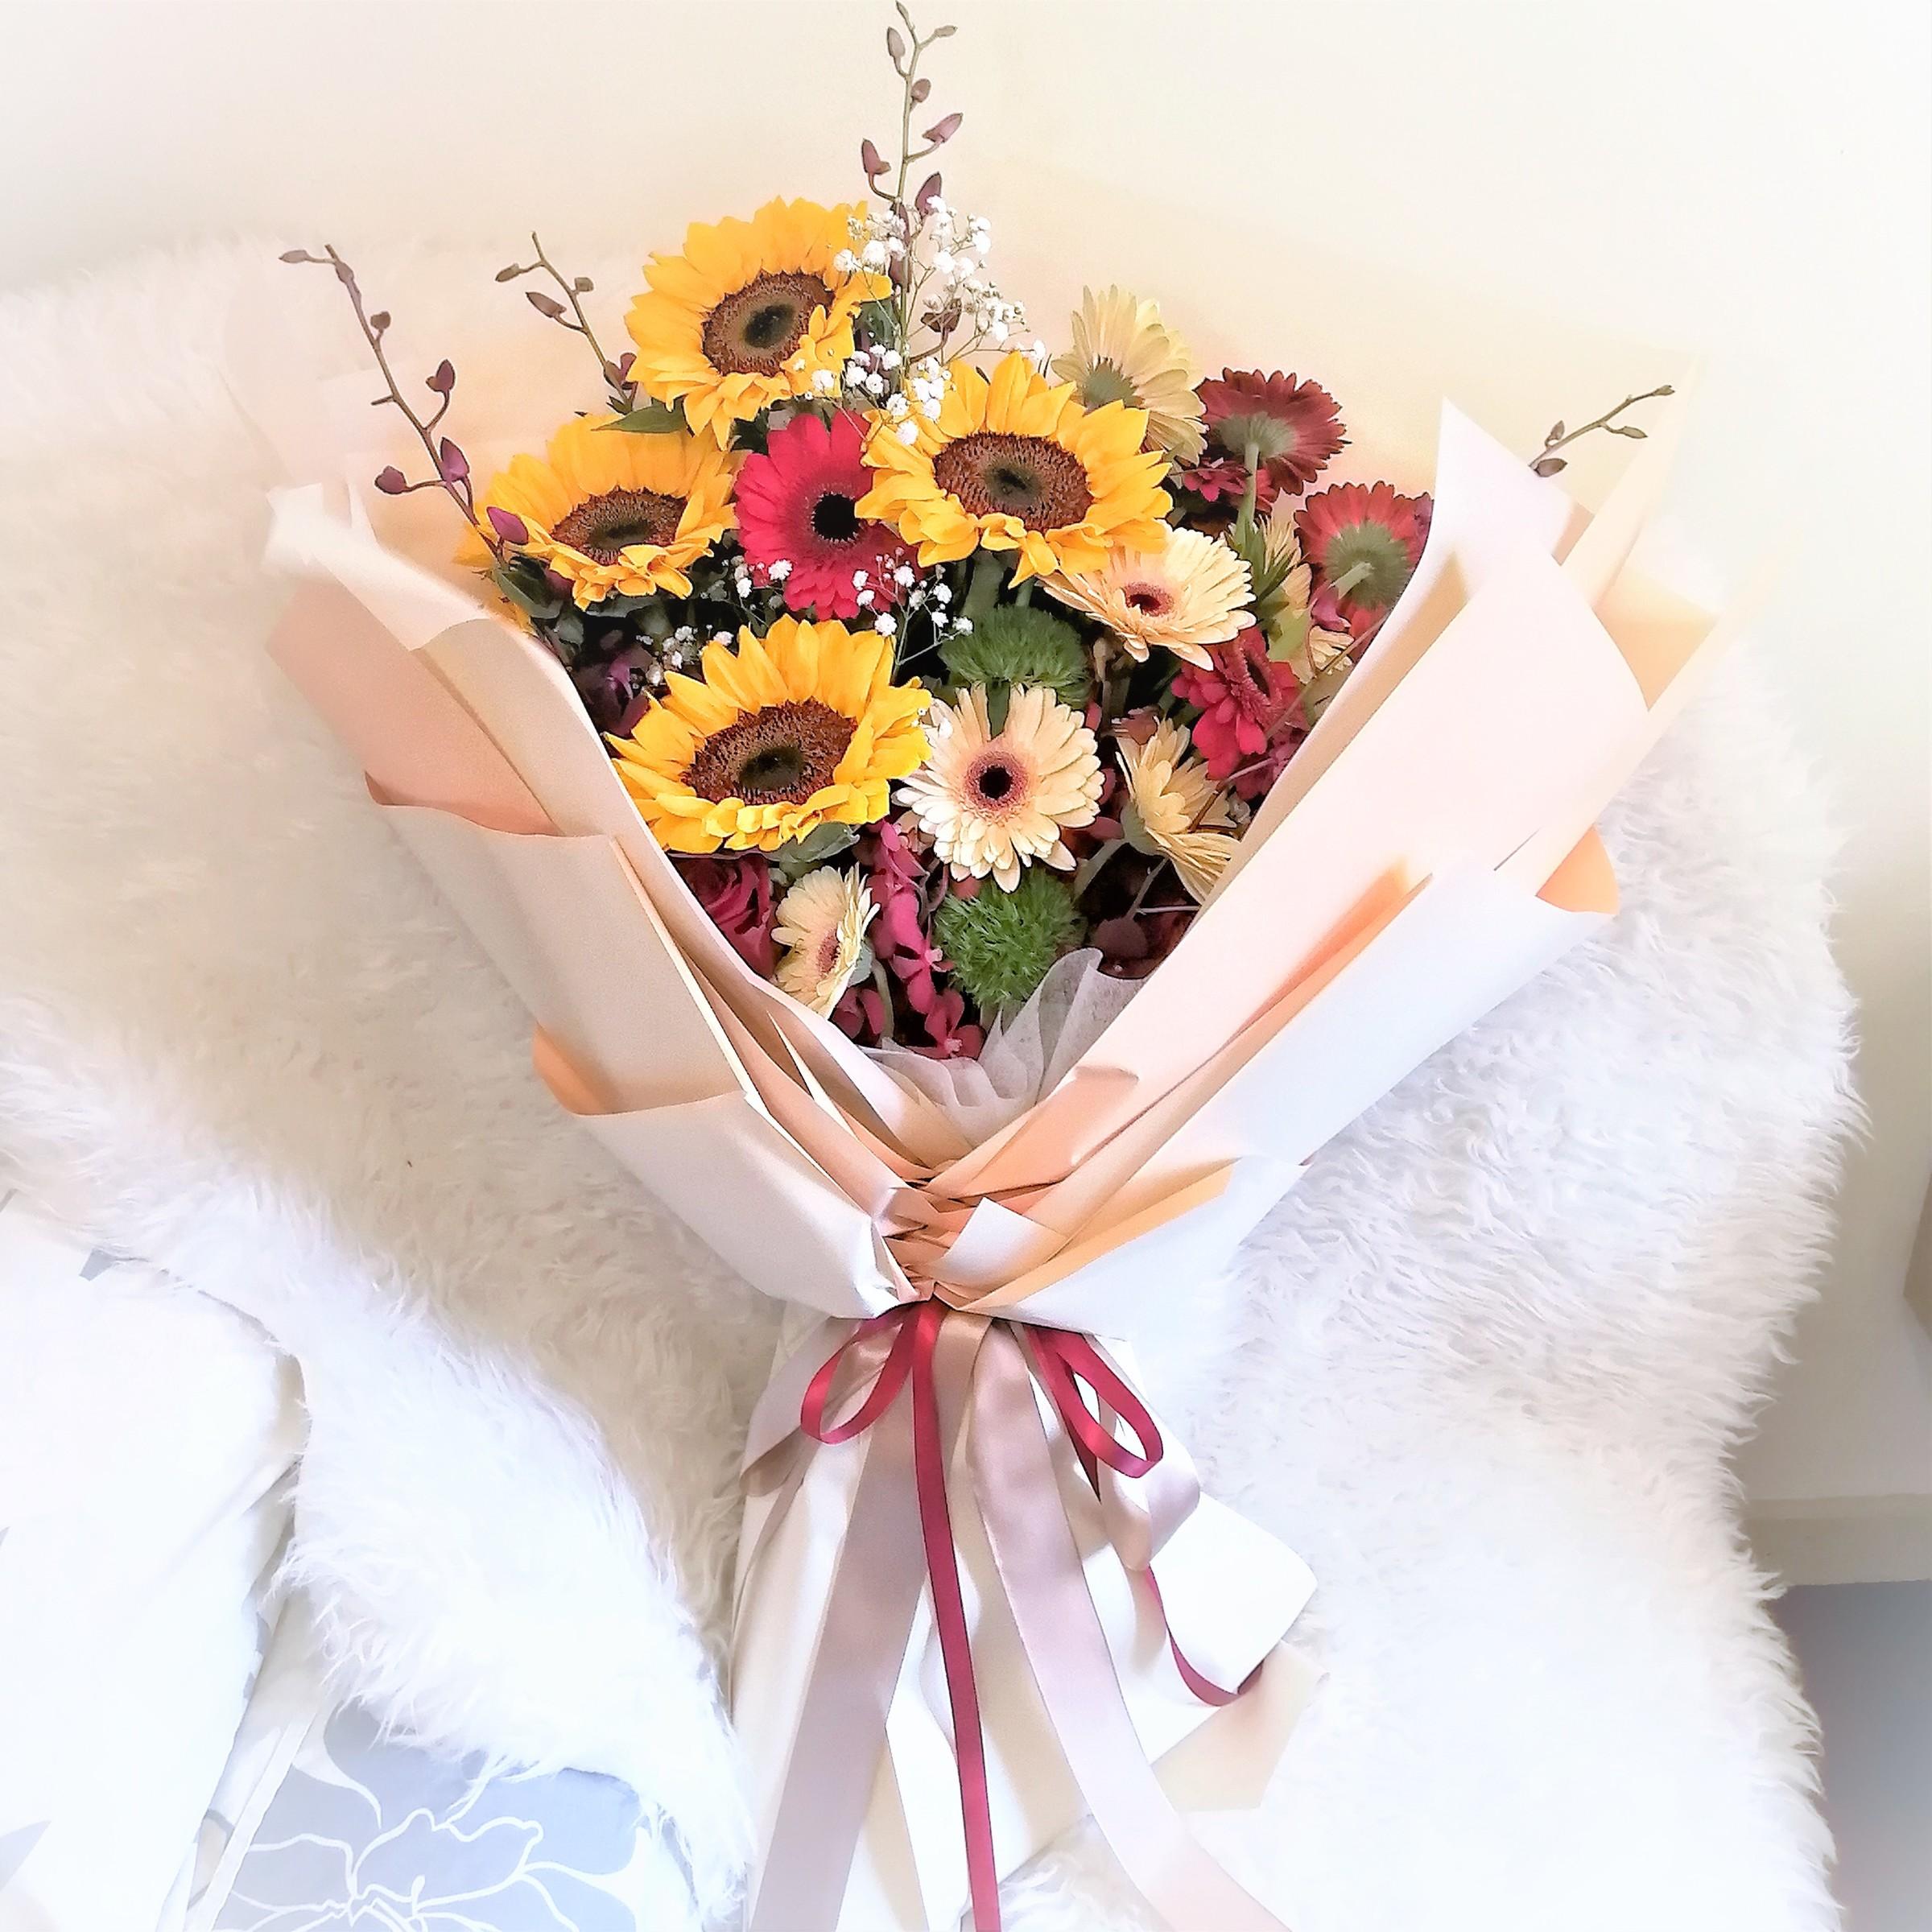 flower delivery kl 19.jpeg